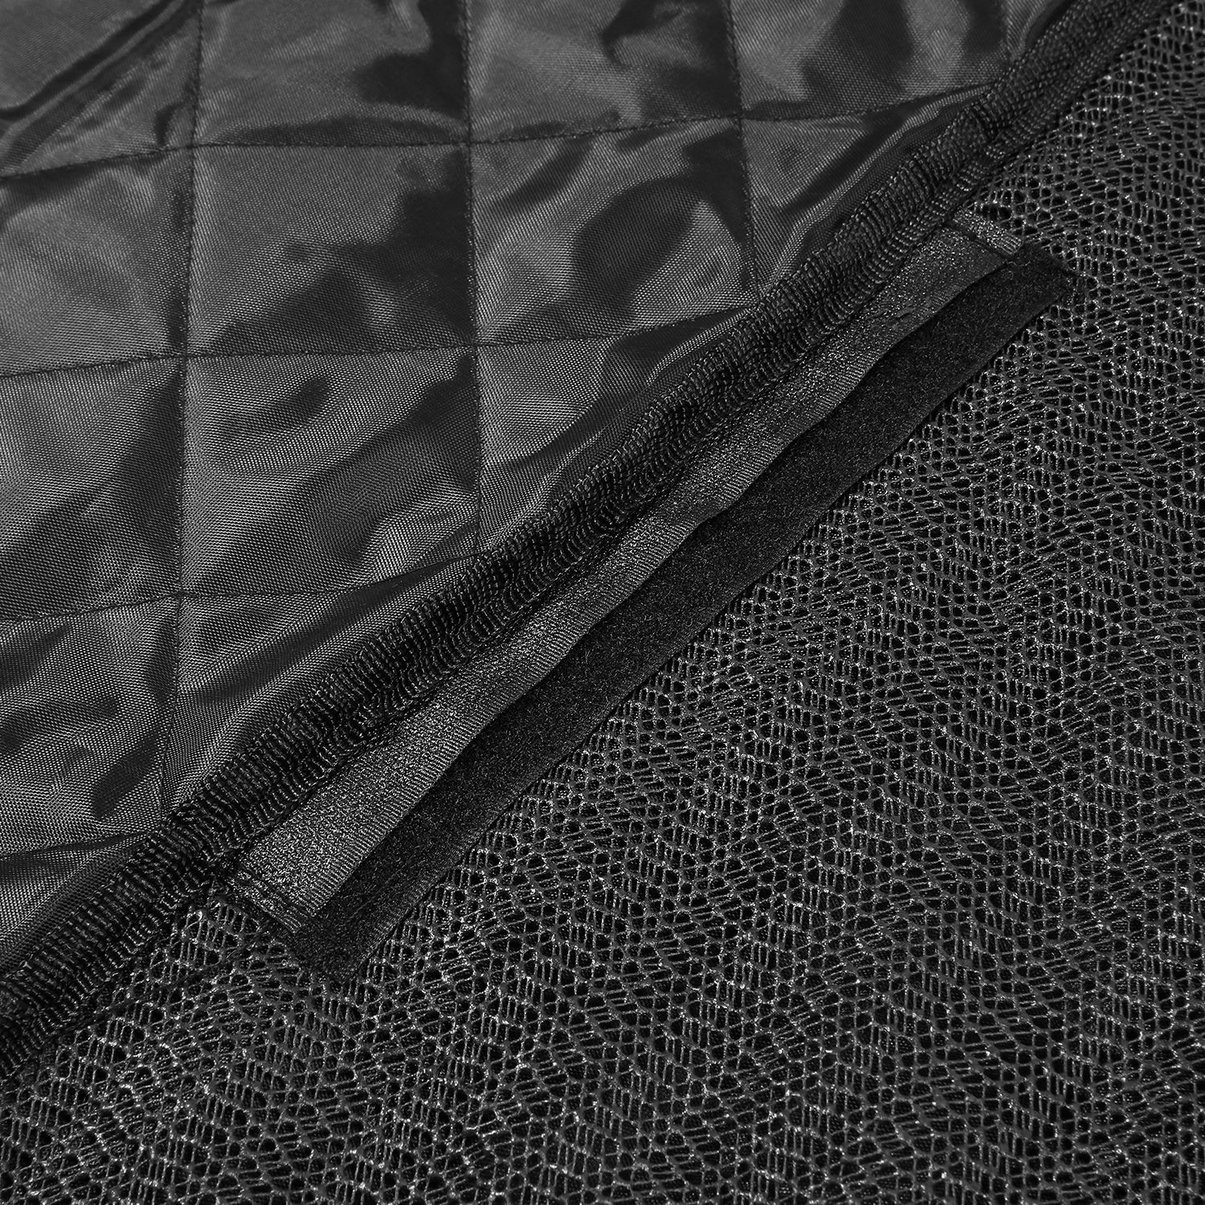 Jullyelegant Cinture di sicurezza per cani Cinture di sicurezza per per per le cinture per gli animali domestici Seggiolino antiscivolo impermeabile antiscivolo Lavaggio di alta qualità 17b186